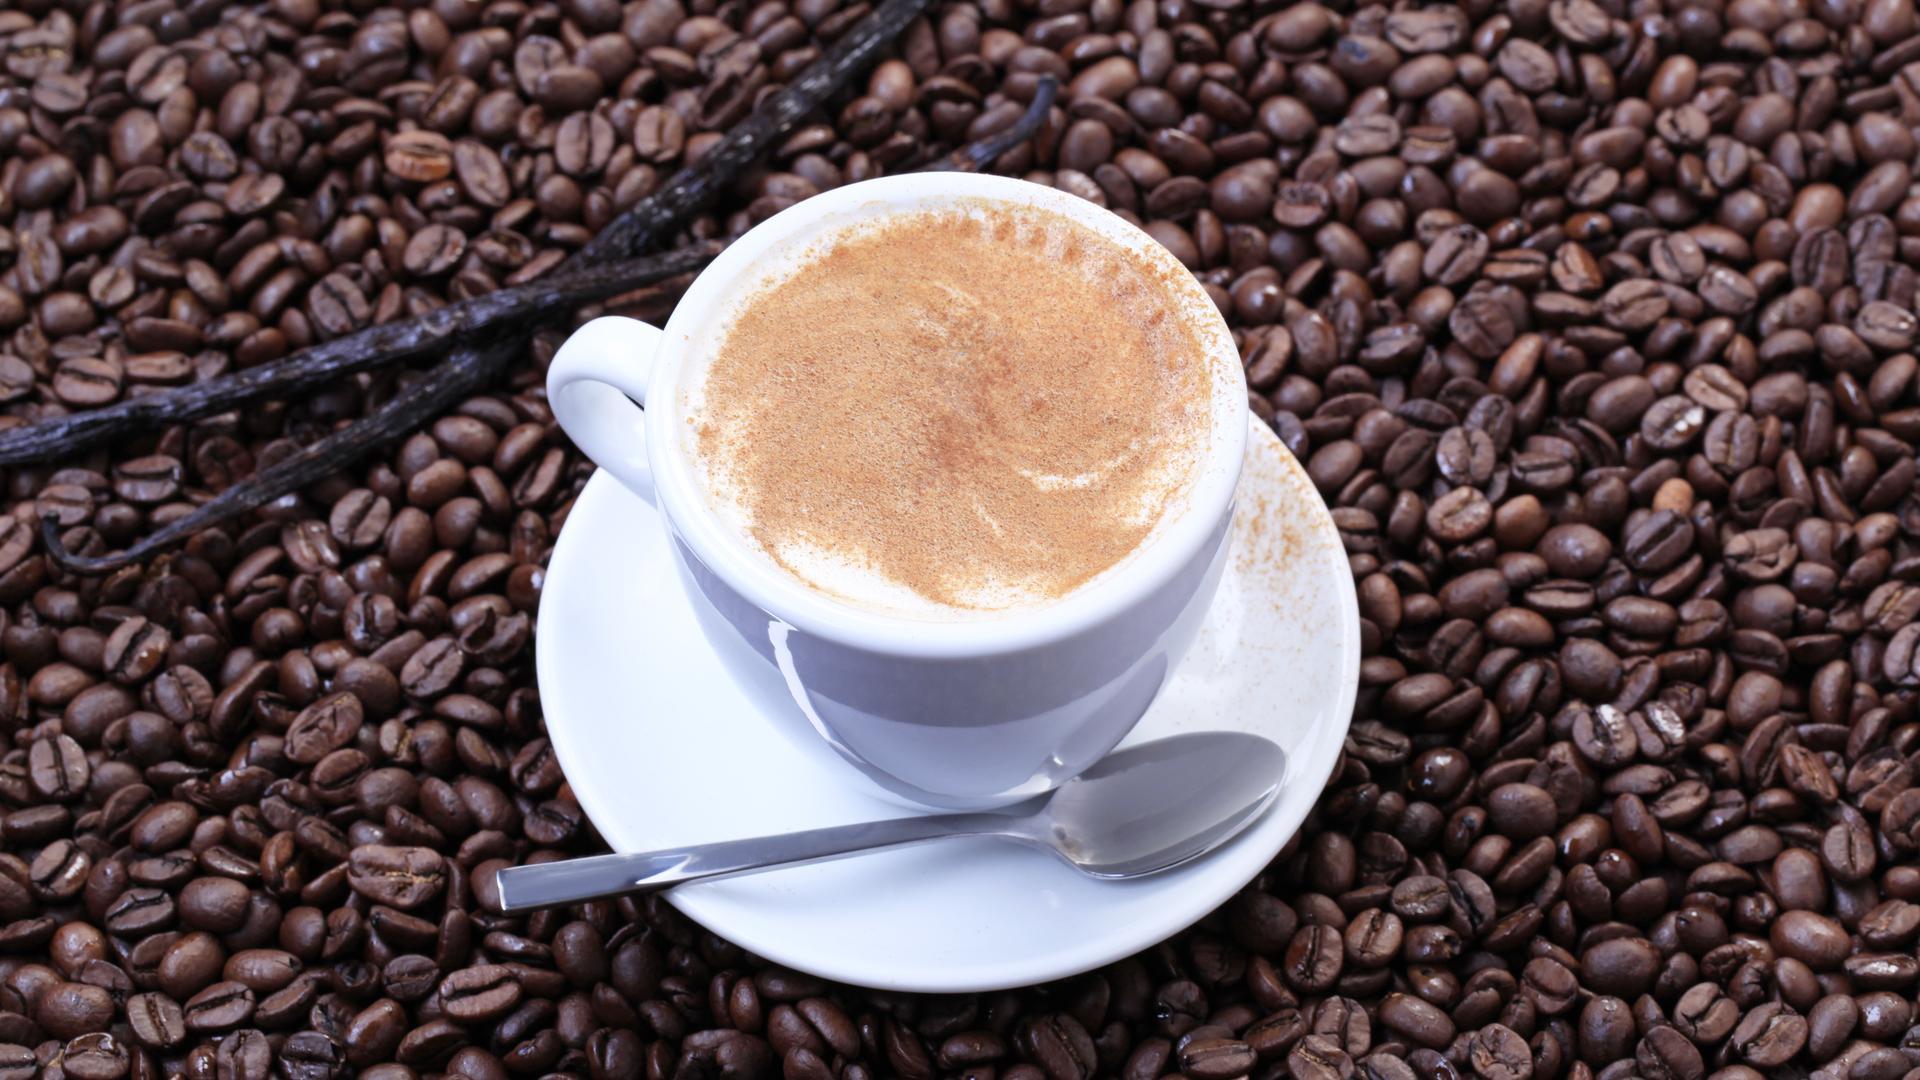 Два соединения в кофе замедляют развитие рака предстательной железы